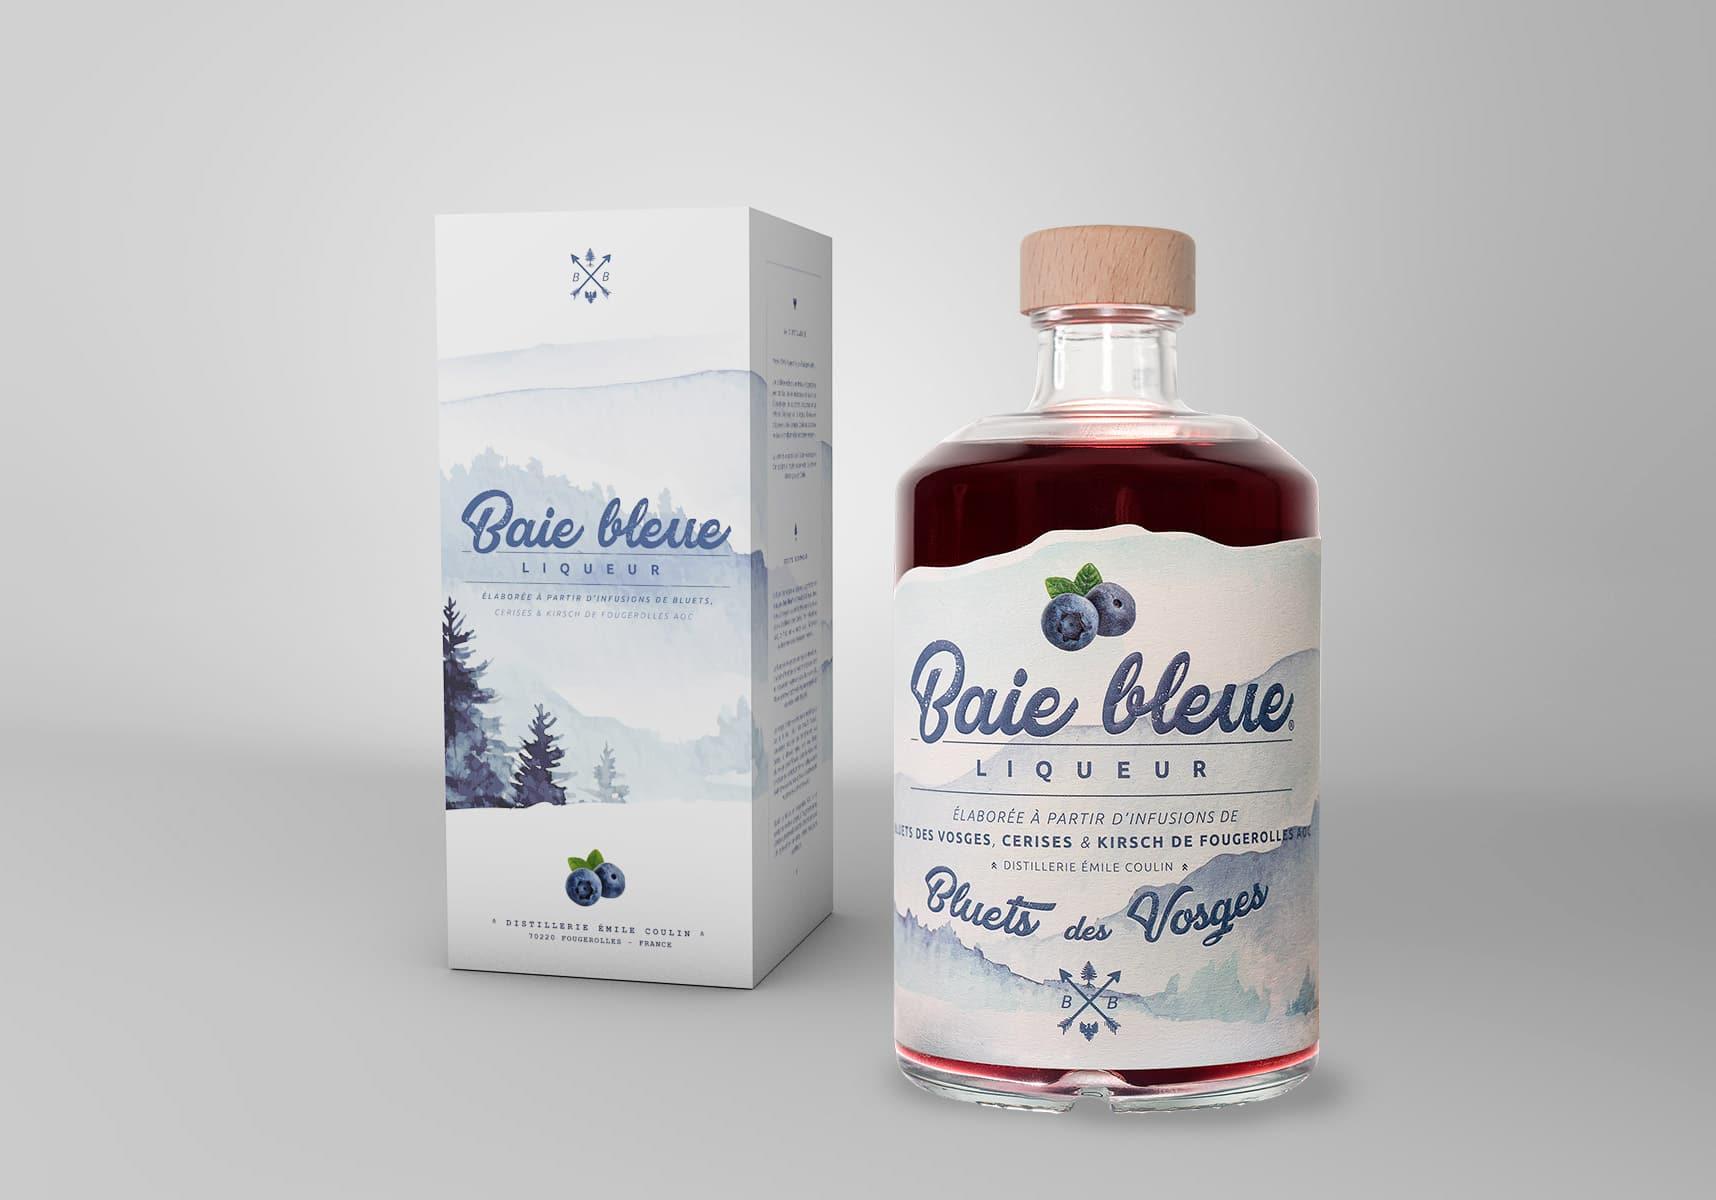 Gamme Liqueur Baie Bleue, liqueur de myrtilles